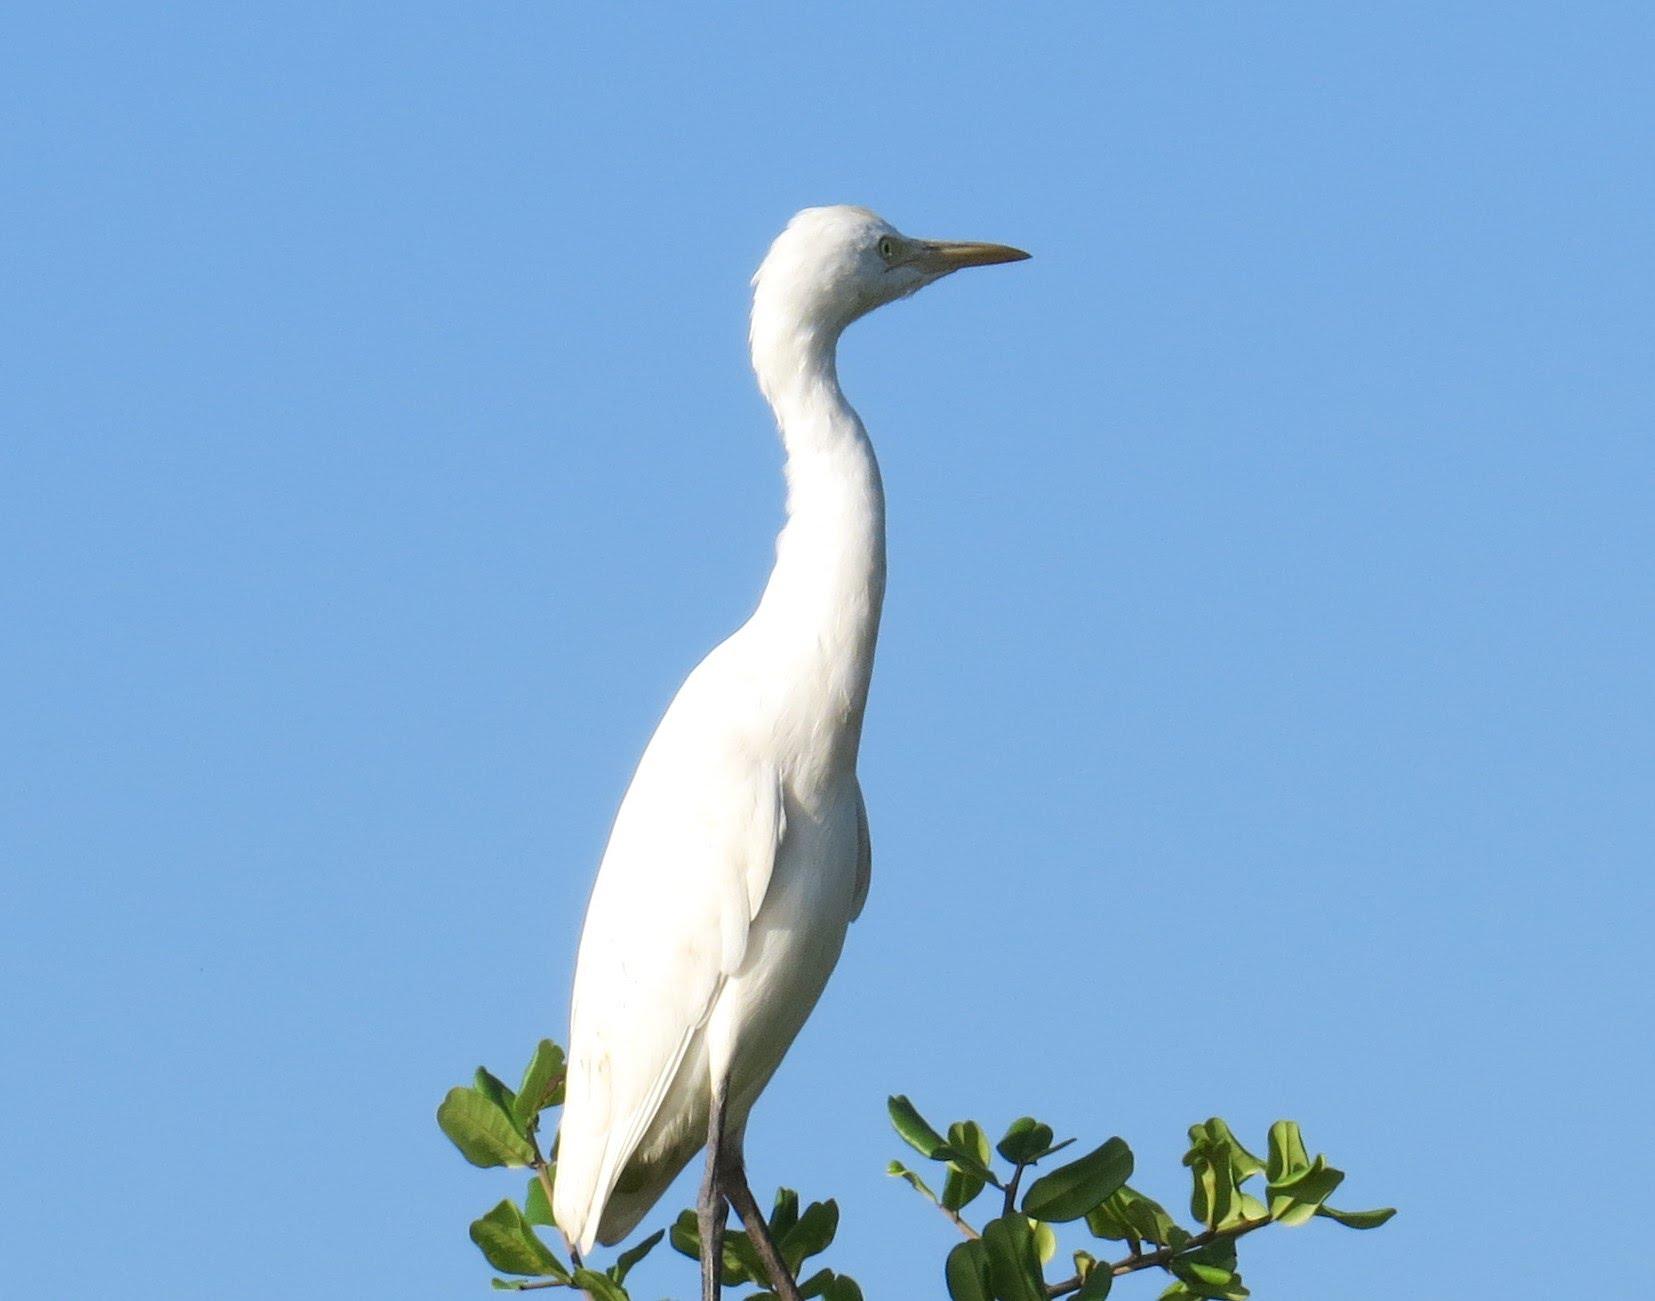 Bird Watching for relaxation - Beautiful White Bird CRANE - YouTube